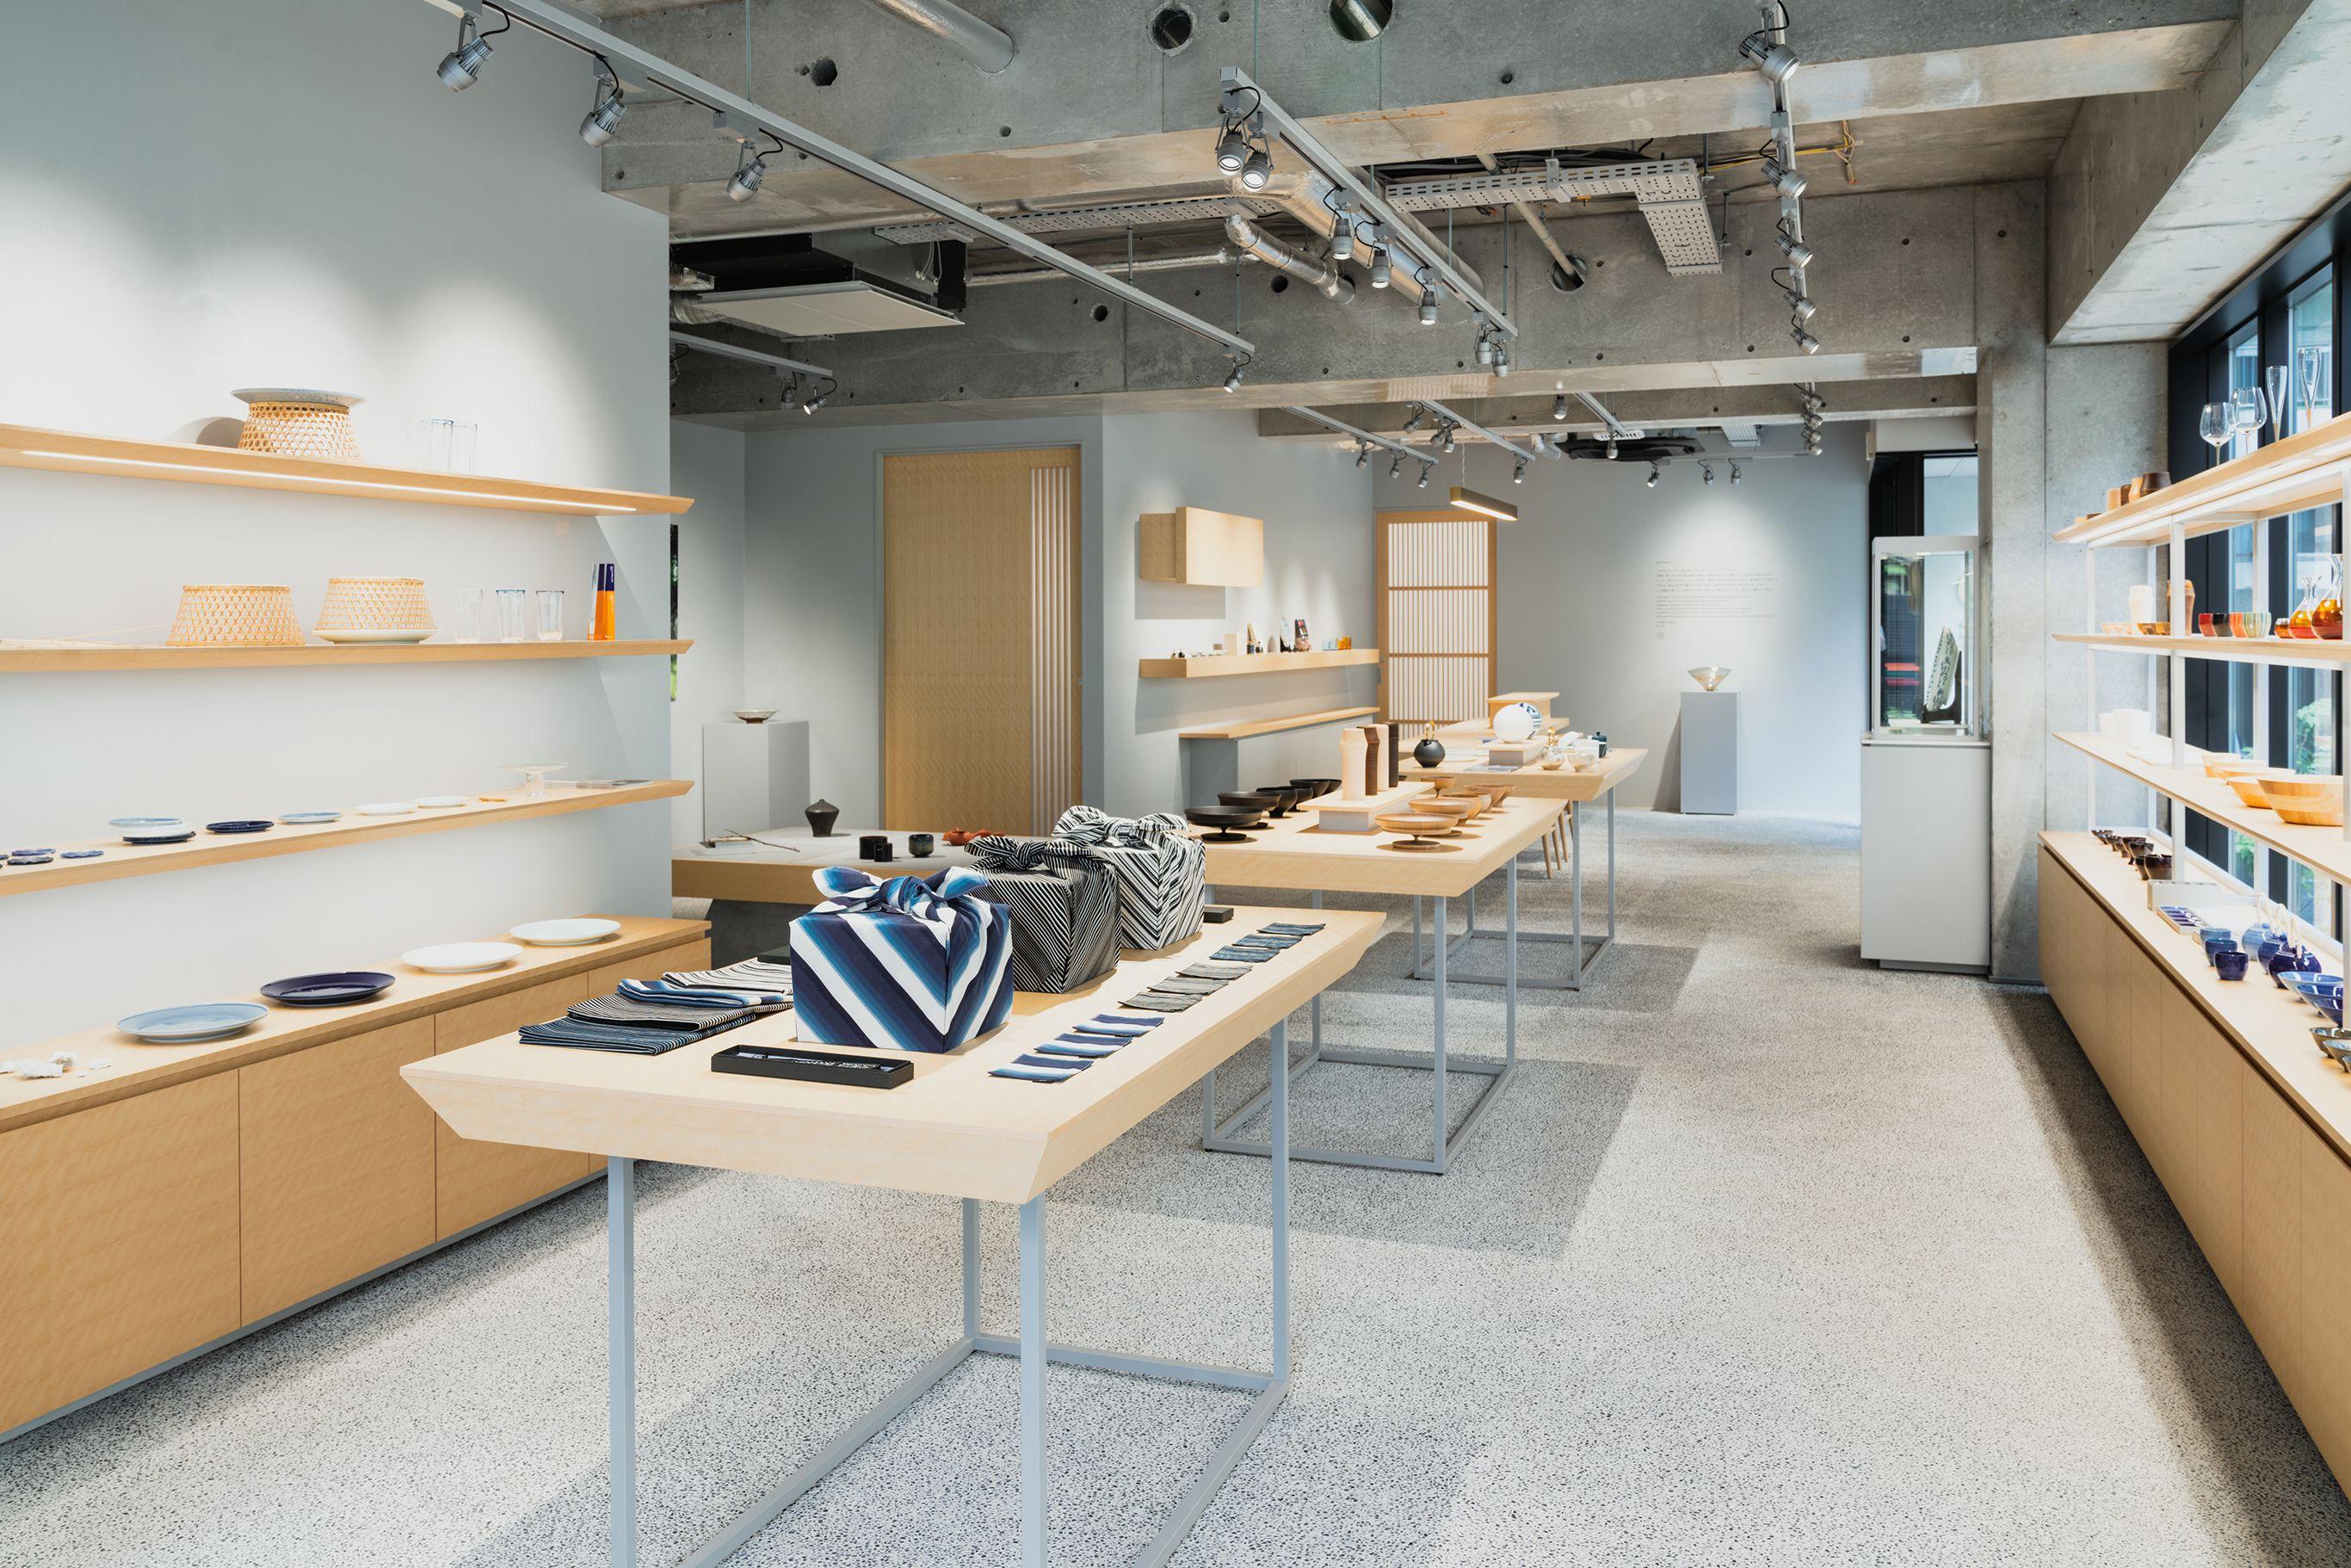 東京・赤坂にオープンした「ハルス・ギャラリー・トーキョー」。広々としたスペースに日本の工芸品が展示されている。